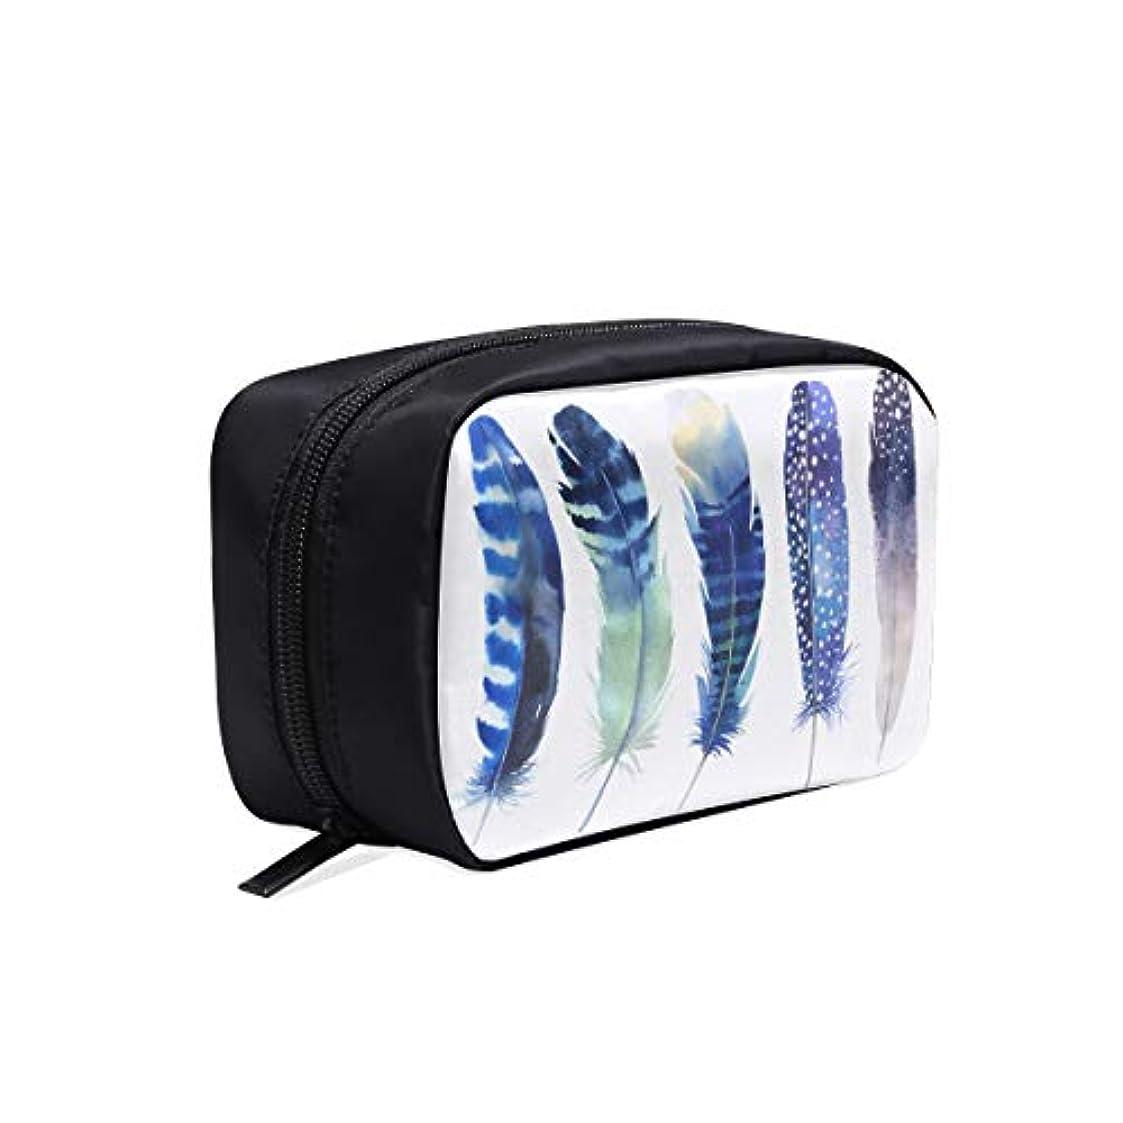 インスタンス磁気ガイドKWESG メイクポーチ チキンフェザー ボックス コスメ収納 化粧品収納ケース 大容量 収納 化粧品入れ 化粧バッグ 旅行用 メイクブラシバッグ 化粧箱 持ち運び便利 プロ用